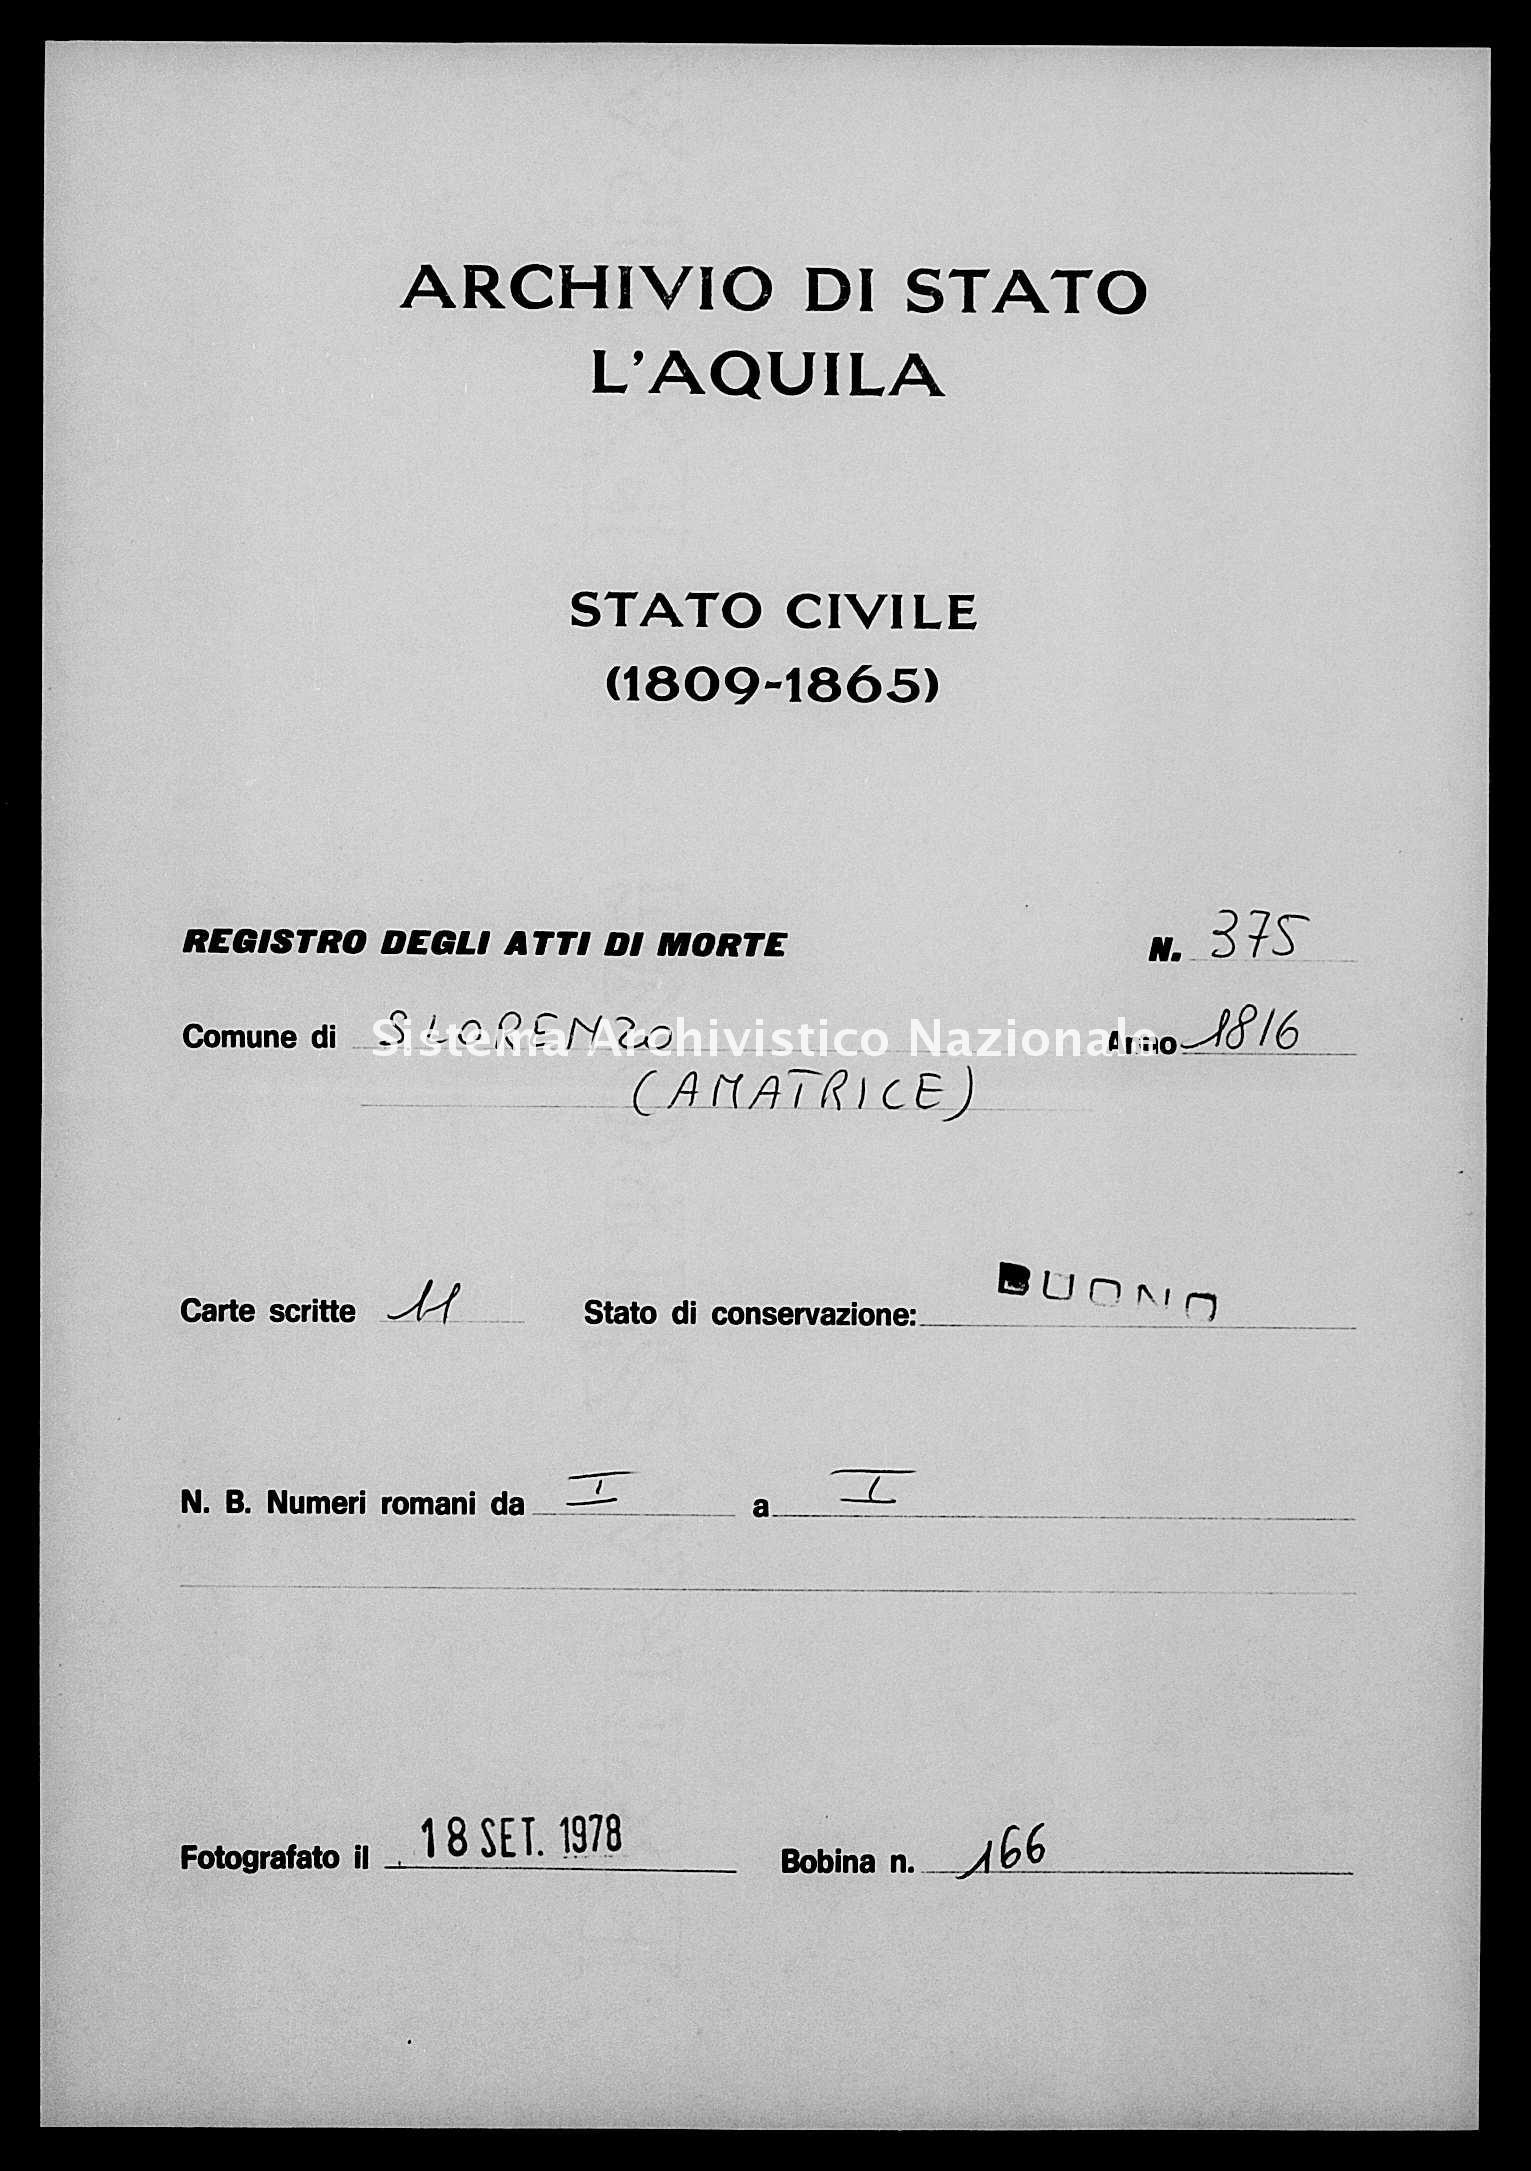 Archivio di stato di L'aquila - Stato civile della restaurazione - San Lorenzo - Morti - 1816 - 375 -